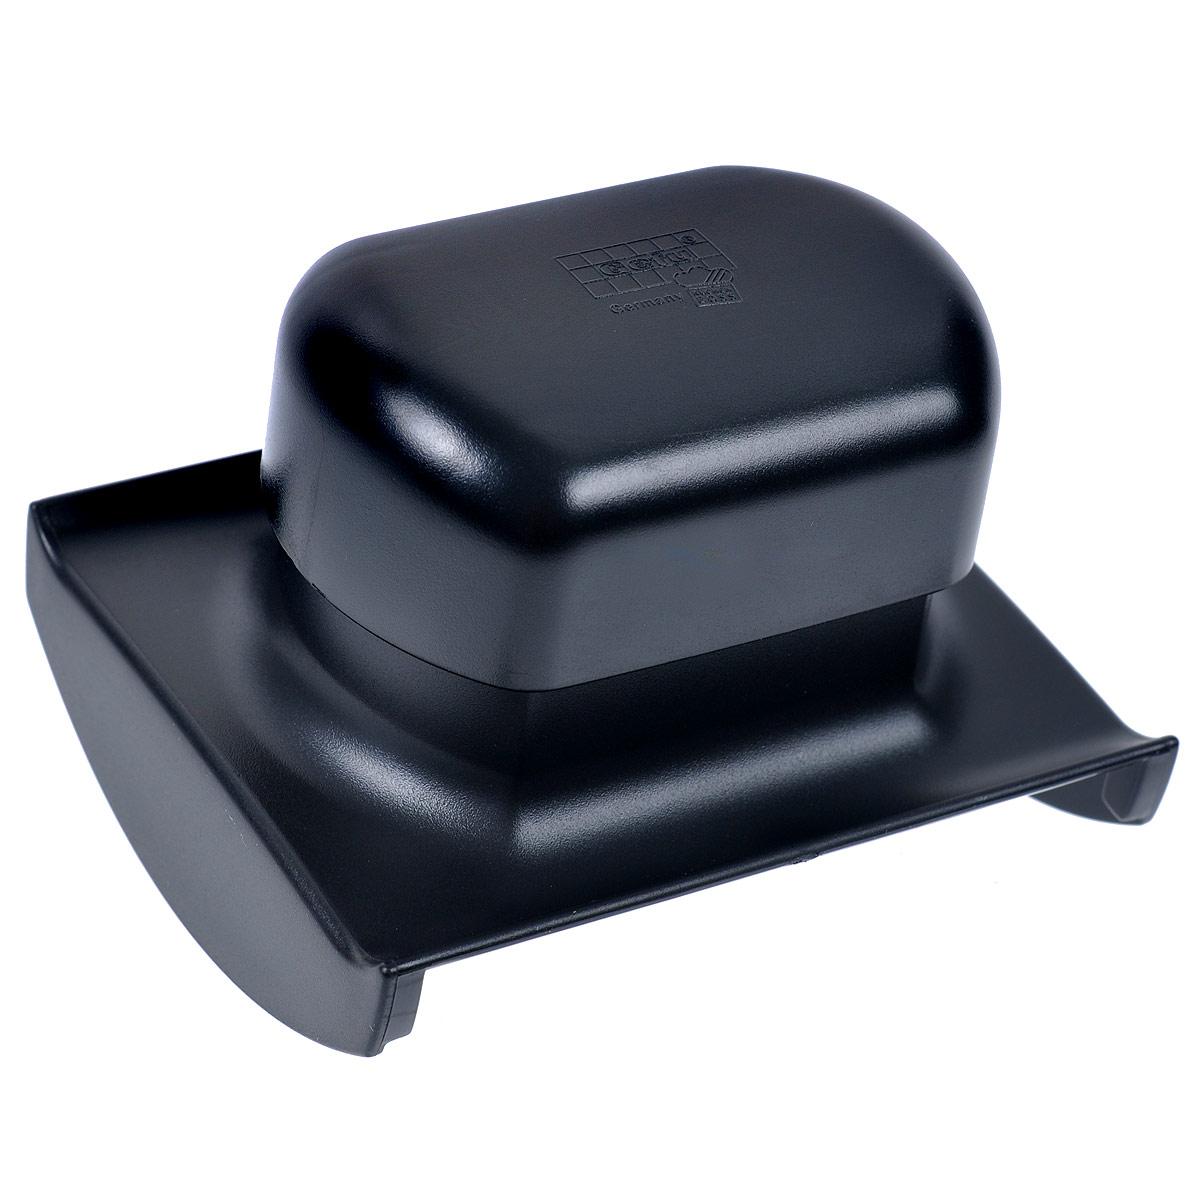 Держатель для терки Raspini55550Держатель для терки Raspini выполнен из высококачественного пластика черного цвета. Специальный держательдля терки Raspini защищает руки и дает возможность нарезать любые продукты.Можно мыть в посудомоечной машине.Характеристики:Материал: высококачественный пластик. Размер: 11 см х 9,5 см х 8 см. Цвет: черный. Артикул: 55550.